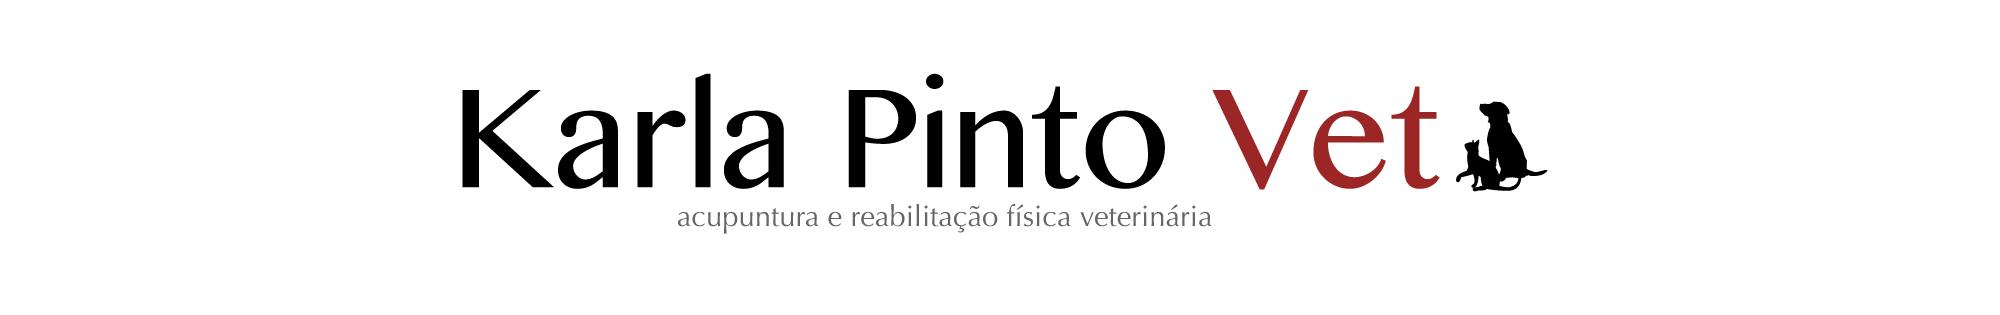 Karla Pinto Vet